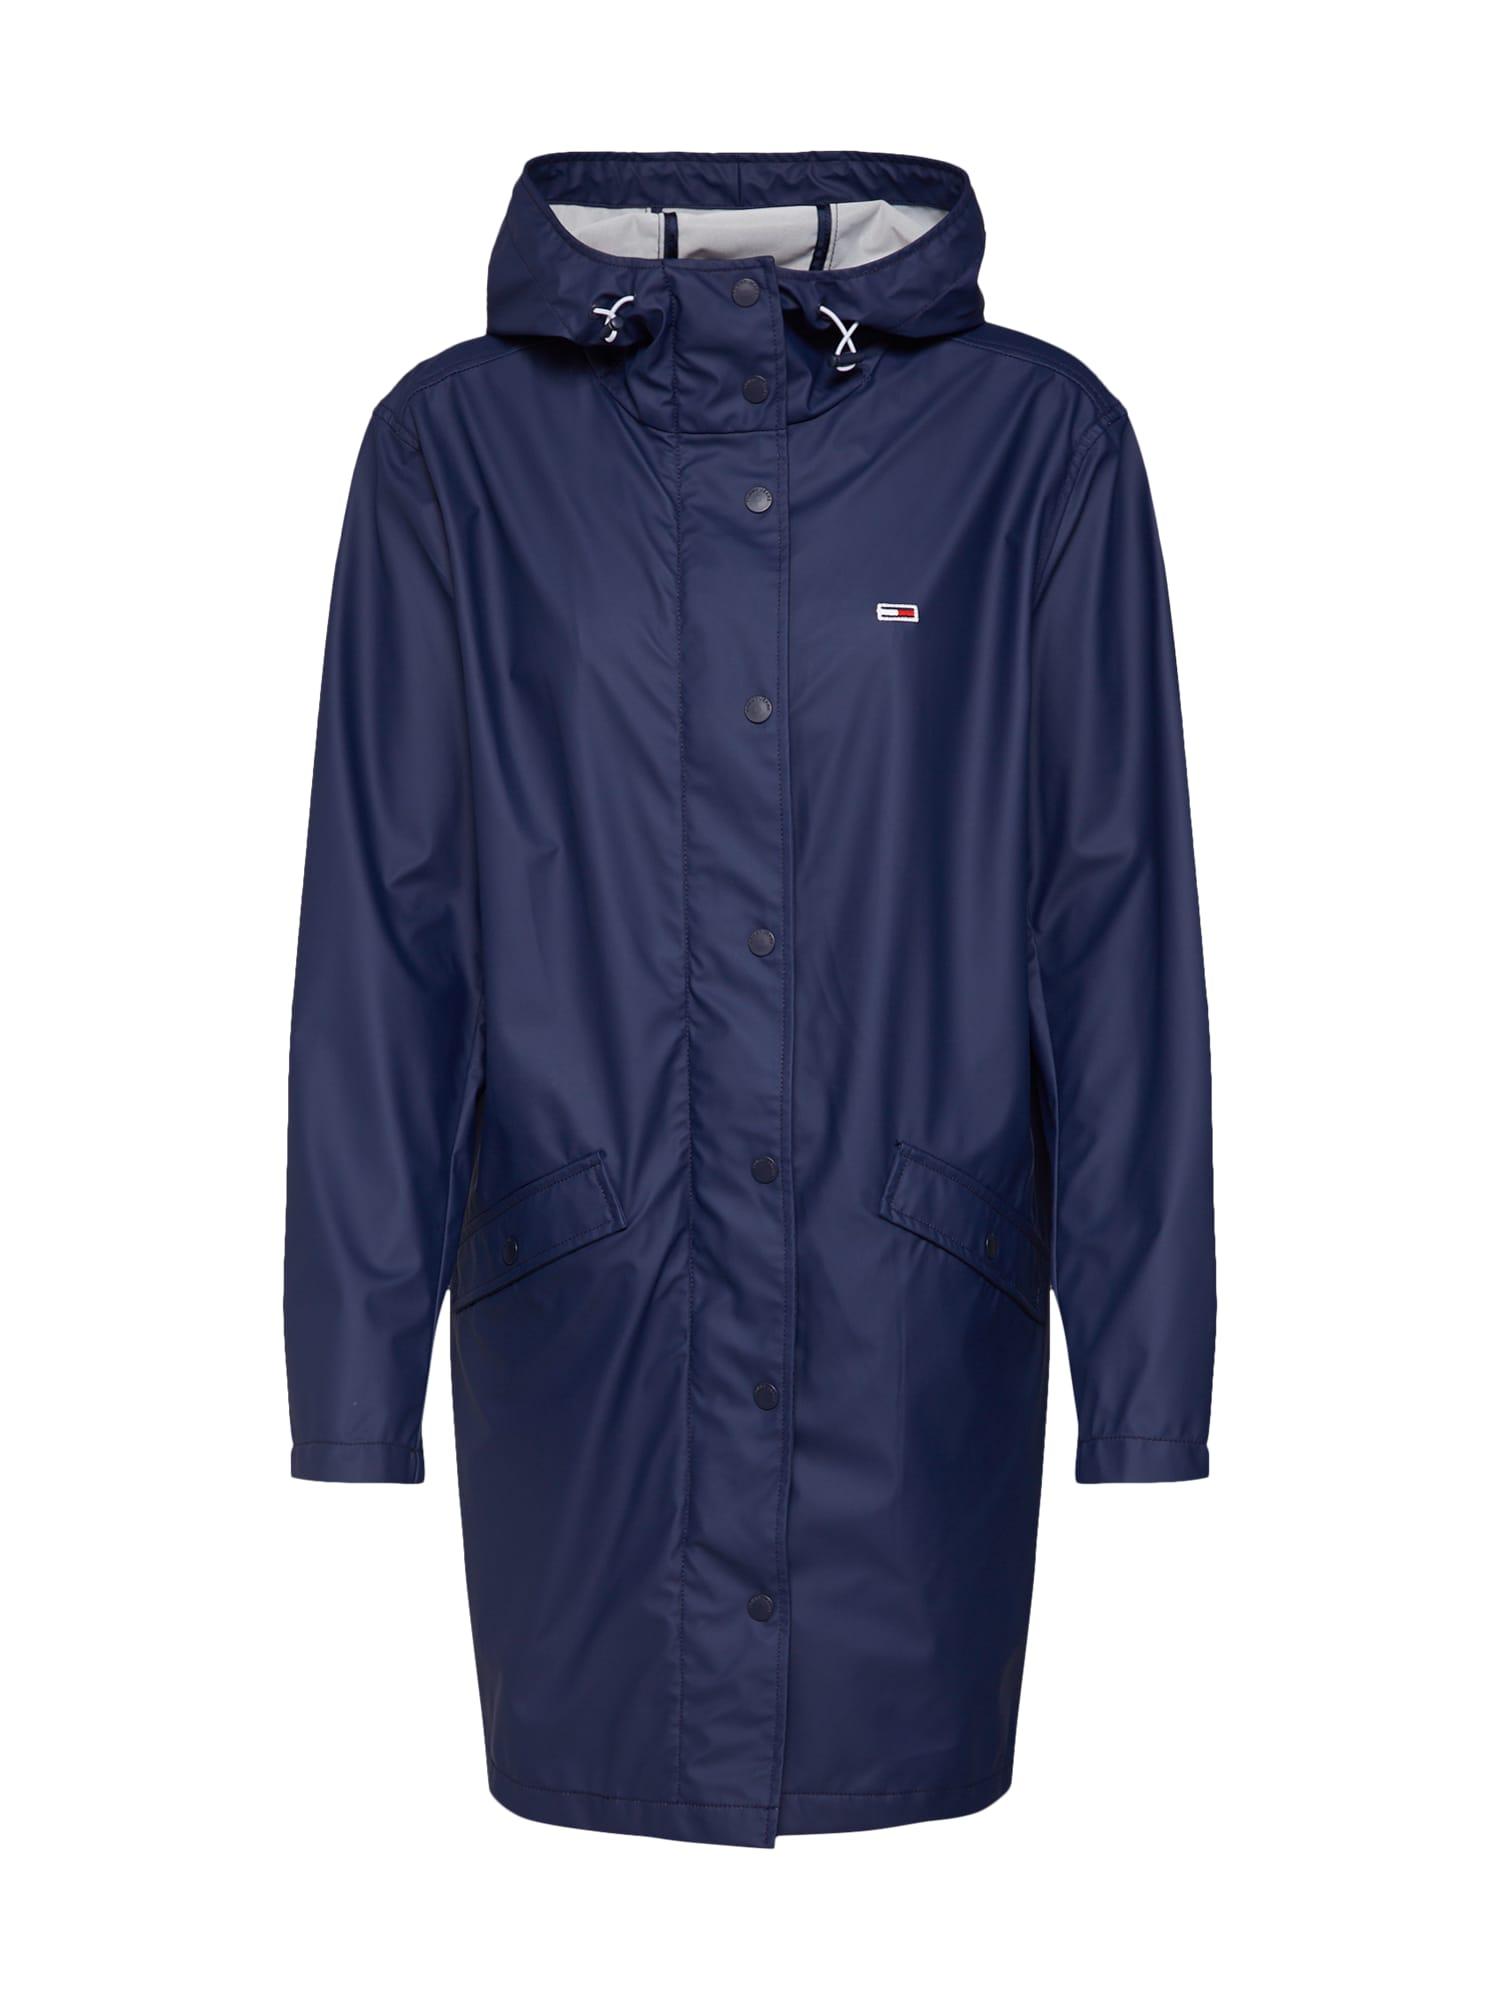 Přechodný kabát RAIN JACKET námořnická modř Tommy Jeans